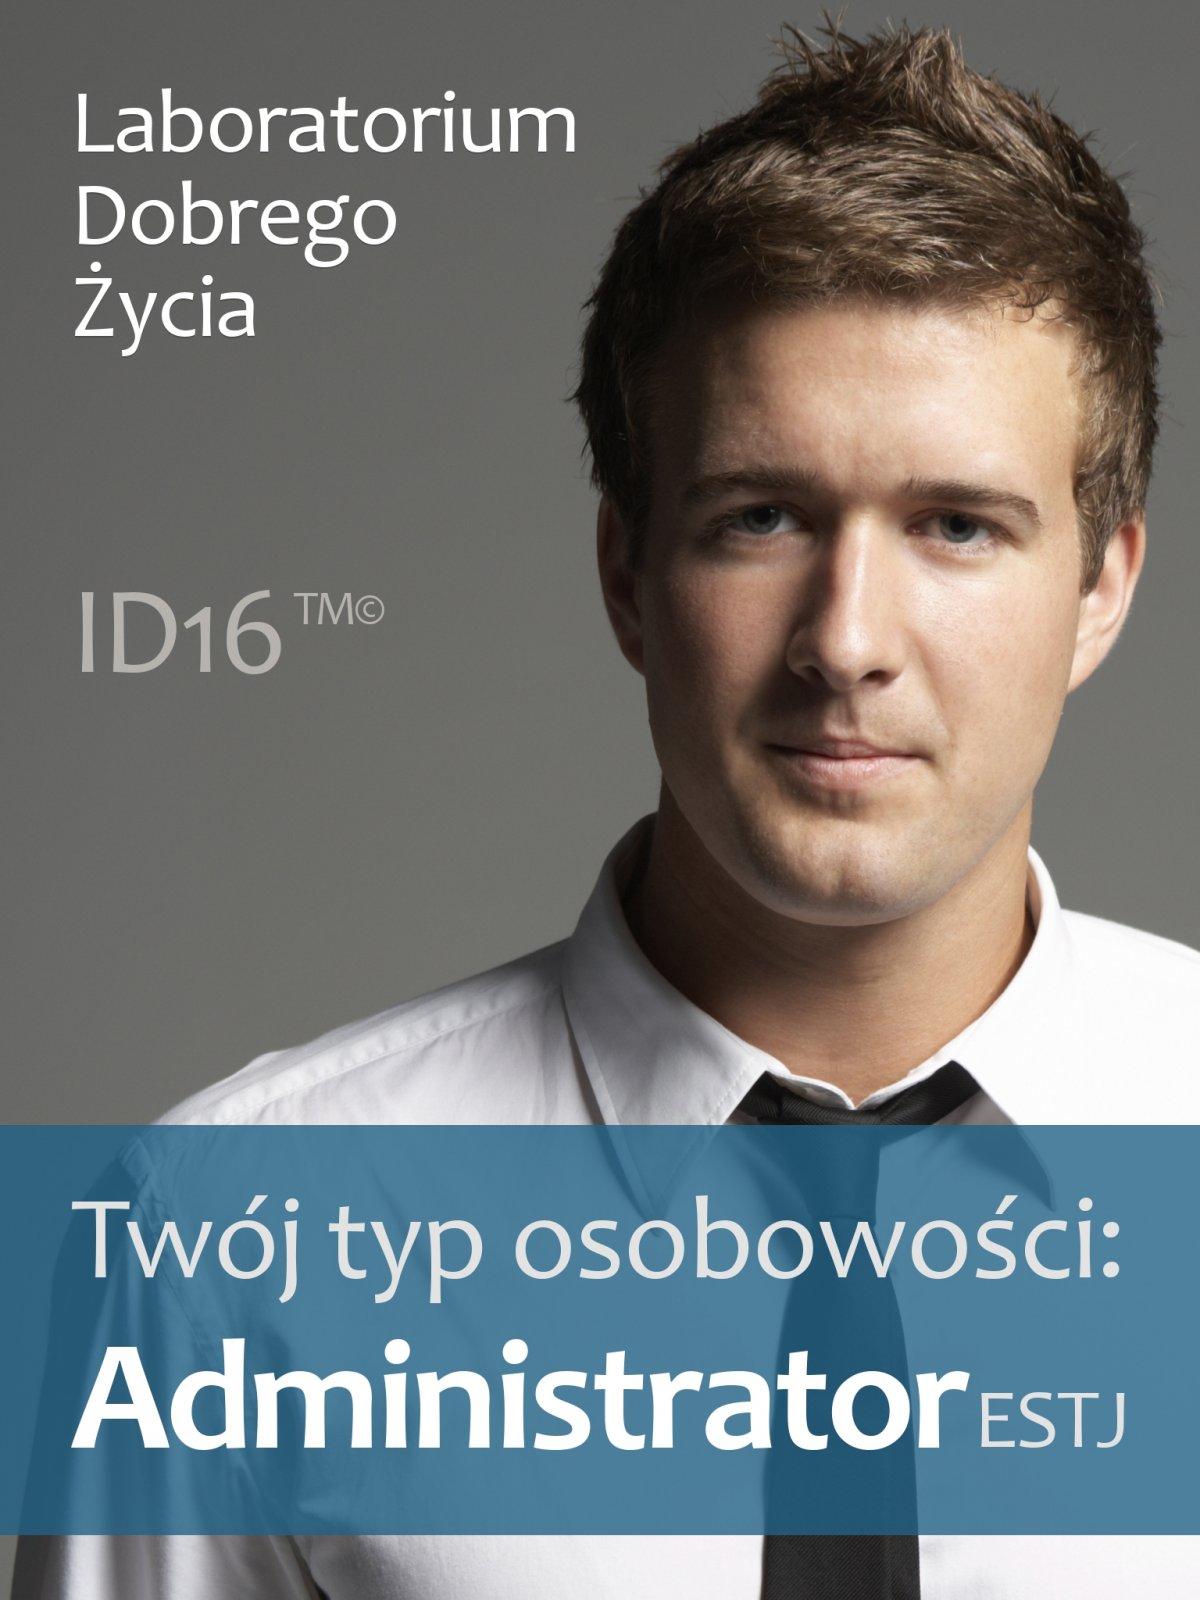 Twój typ osobowości: Administrator (ESTJ) - Ebook (Książka EPUB) do pobrania w formacie EPUB